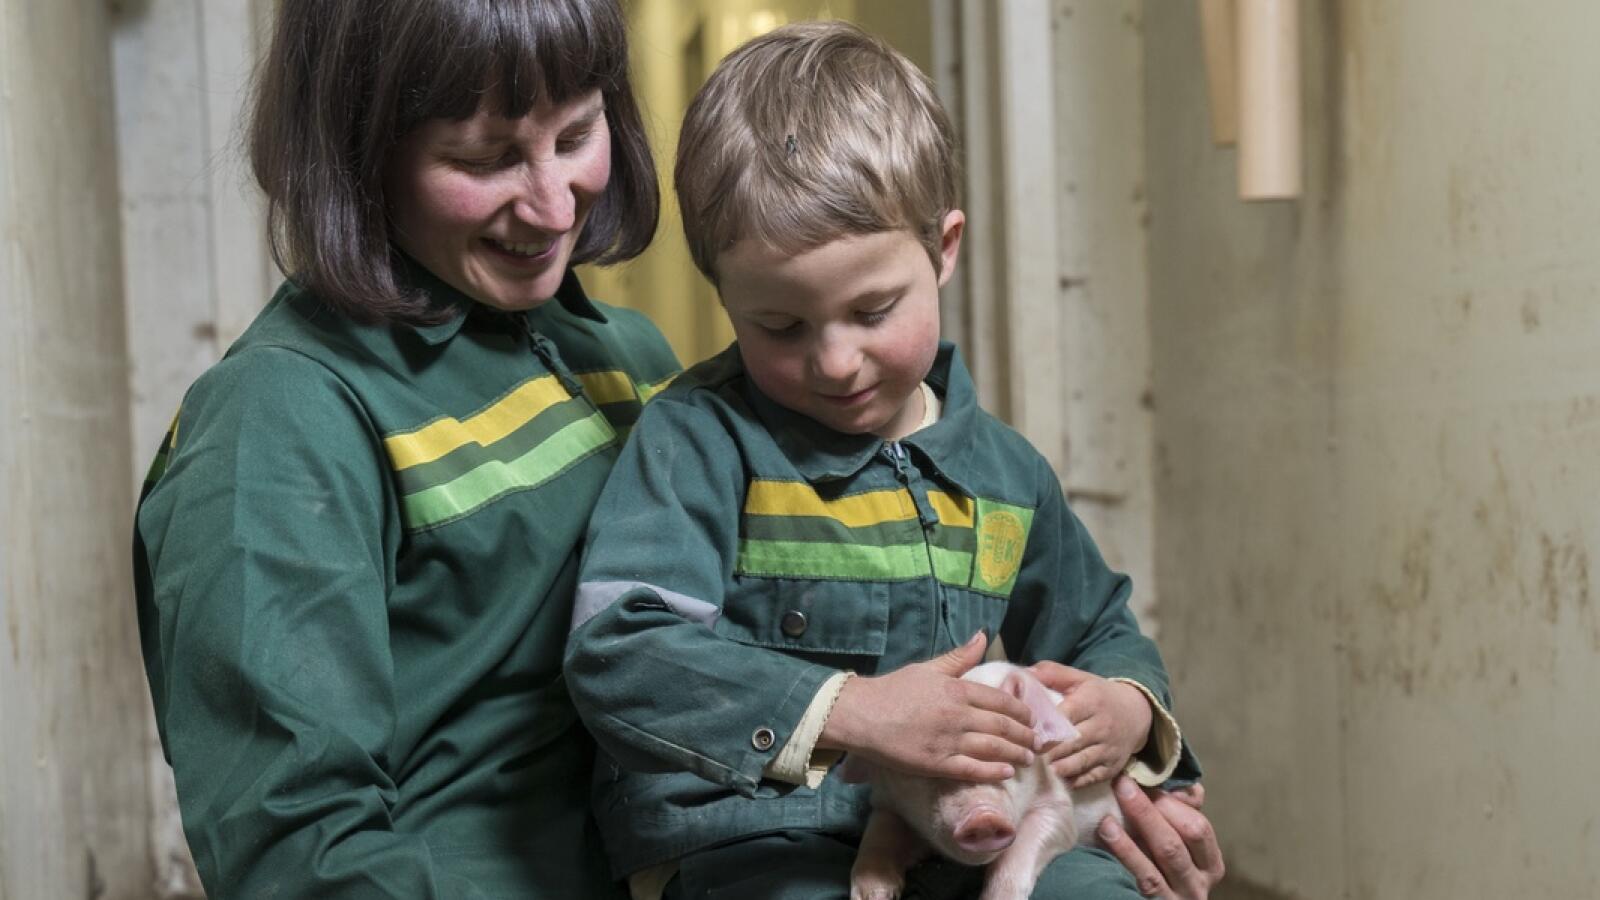 Maria Østerås mener et større beløp til avløsning og fritid ville gjort det praktisk mulig å få hjelp dersom barna skulle bli syke. Her er hun med sønnen Arne (6). Foto: Ynge Ask